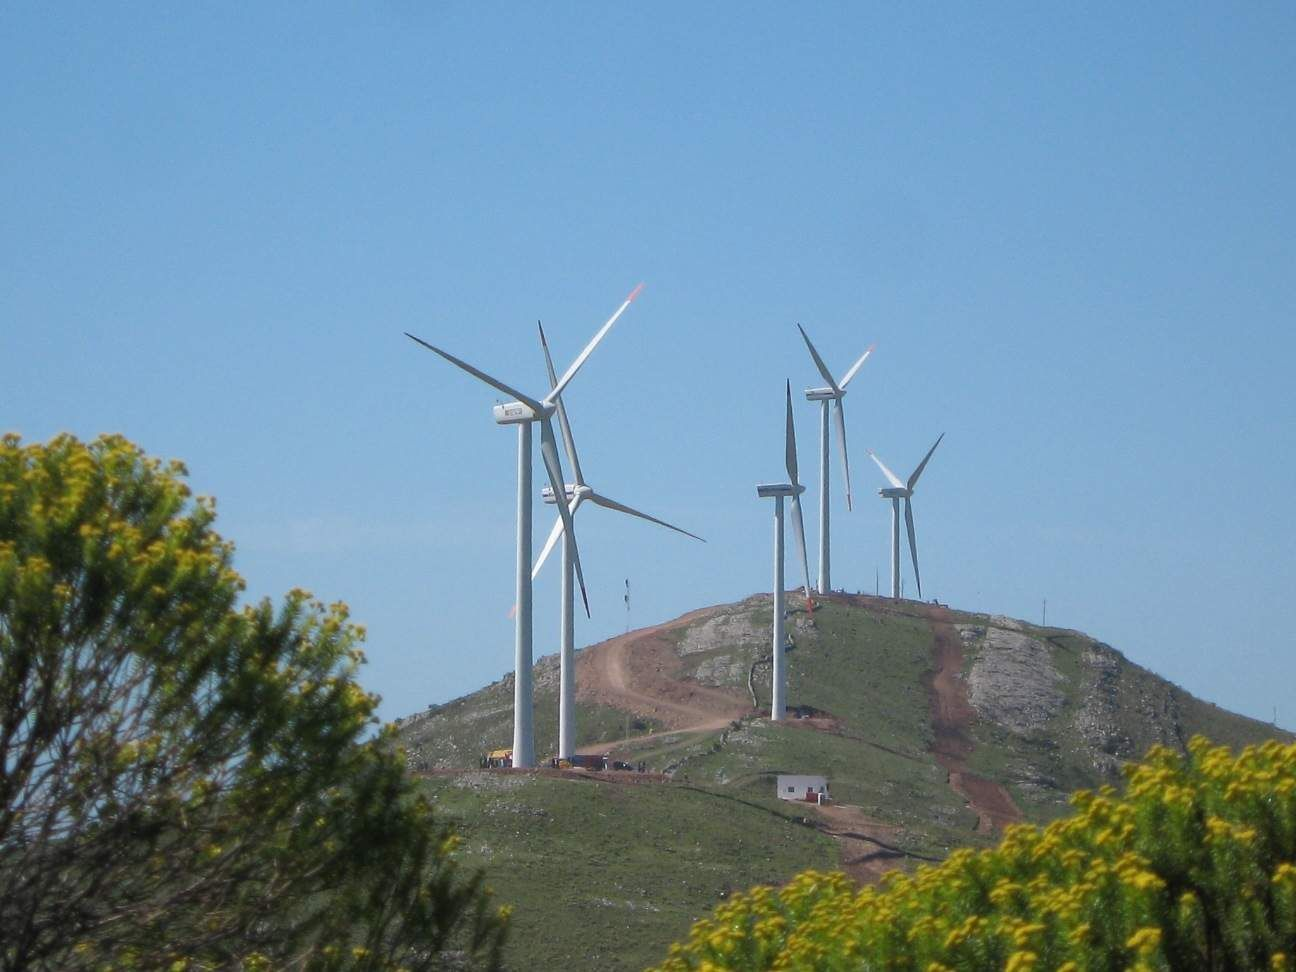 Energías renovables: Uruguay apuesta por la eólica con otros 500 aerogeneradores y varios parques eólicos.